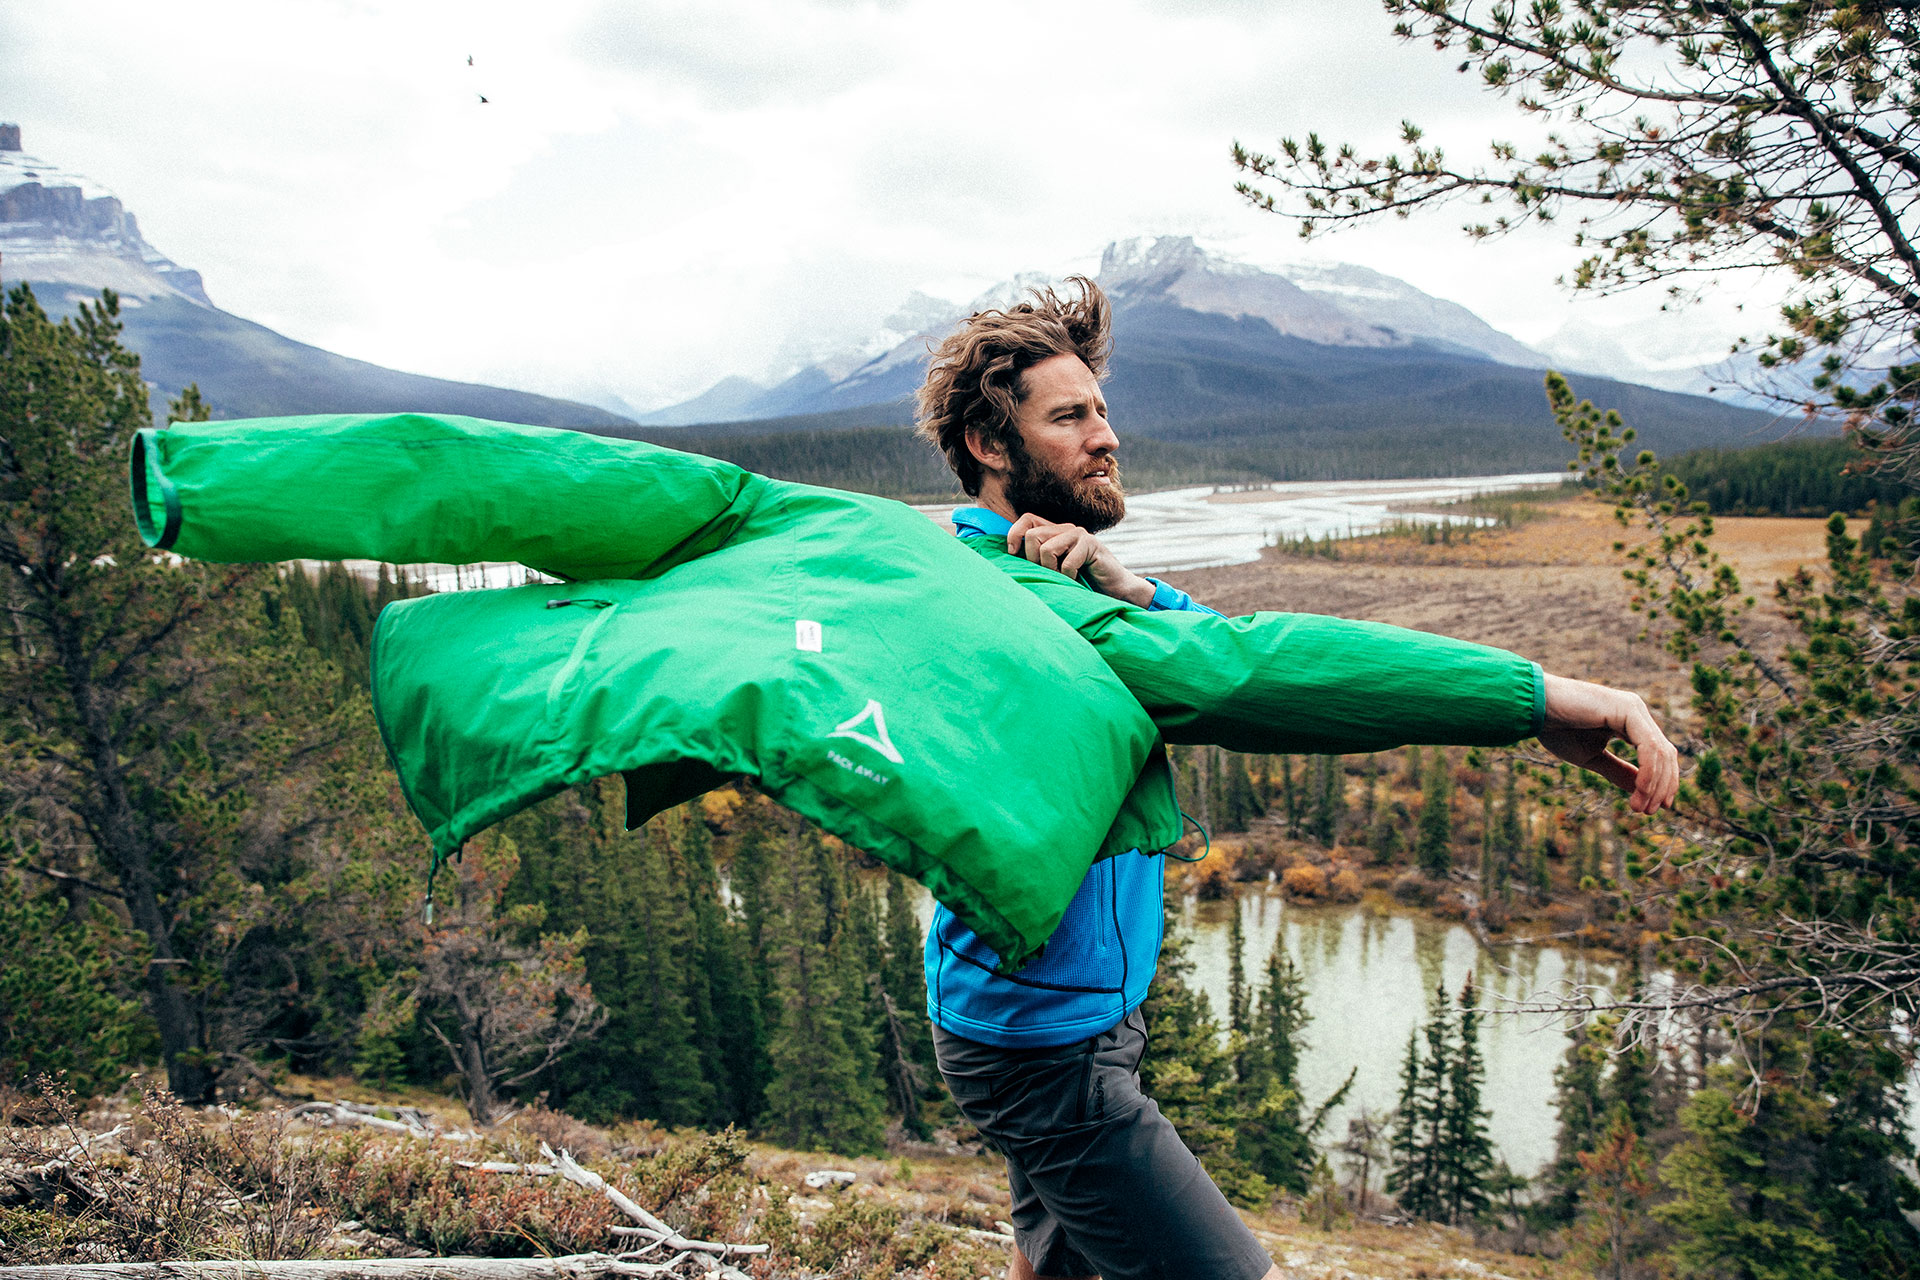 Outdoor wandern kanada trekking fotografie michael mueller alberta